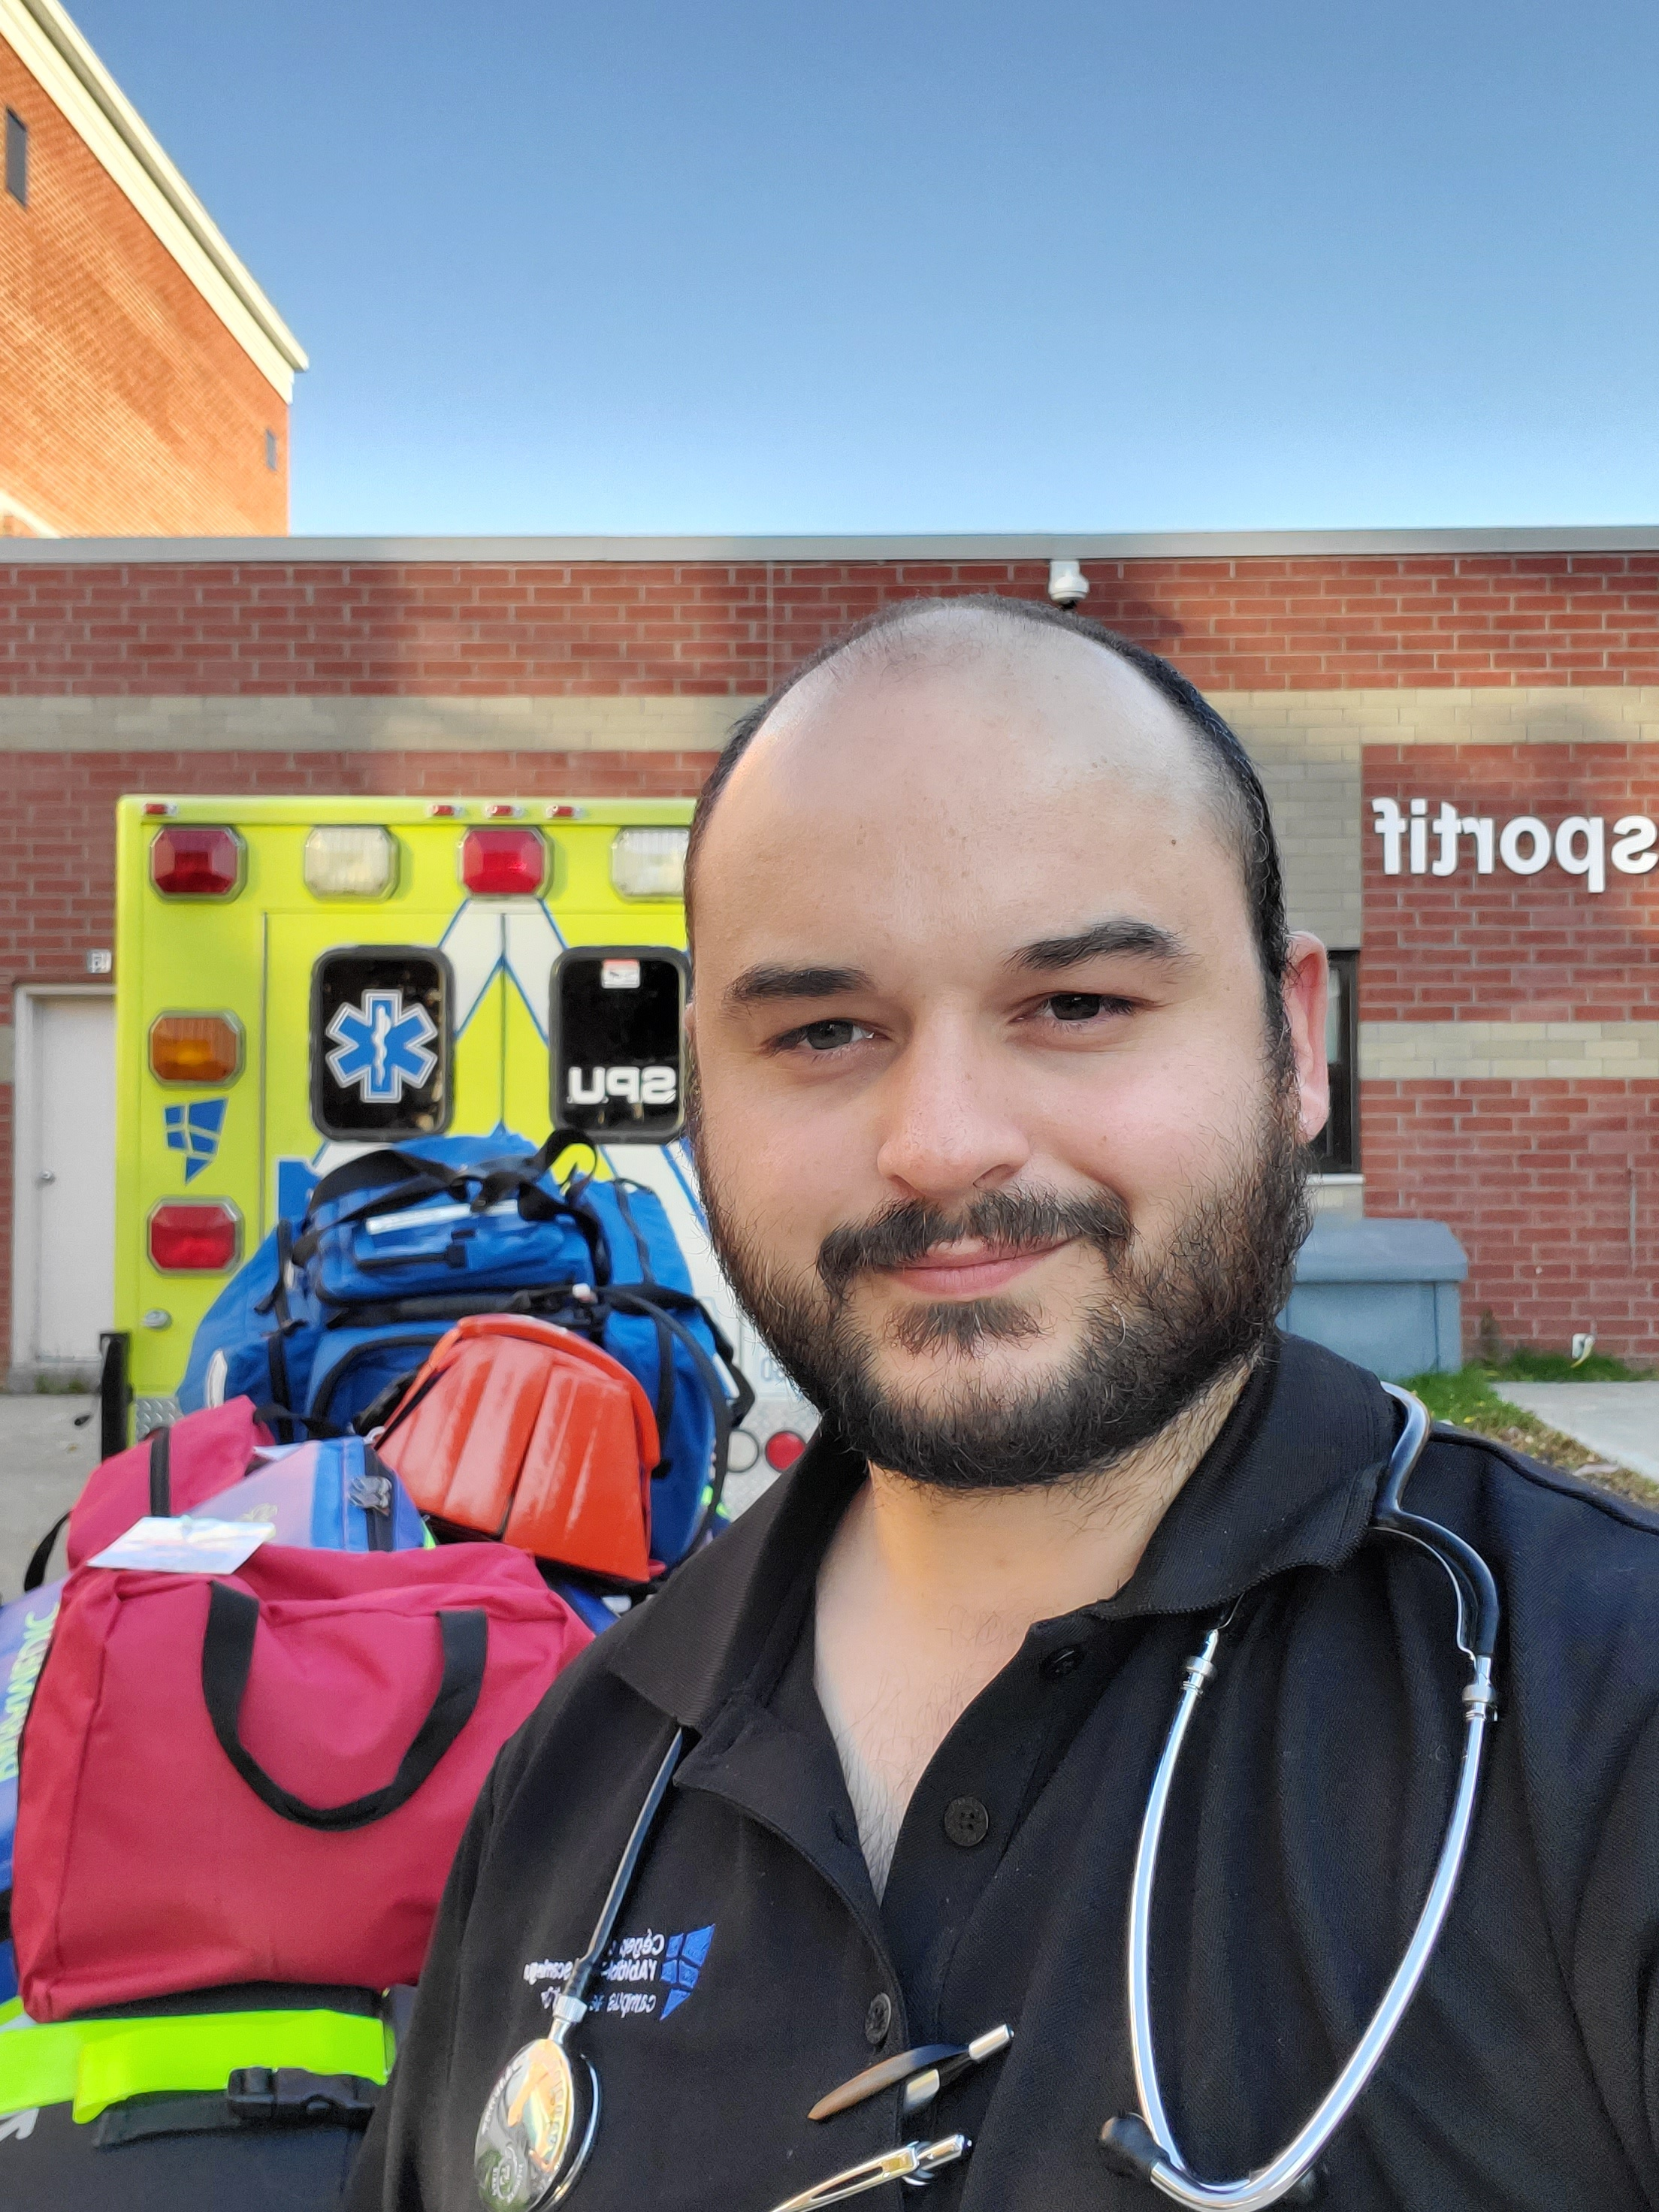 alexandre-sarthe-ambuylancier-paramedic-québec-ambulancier-le-site